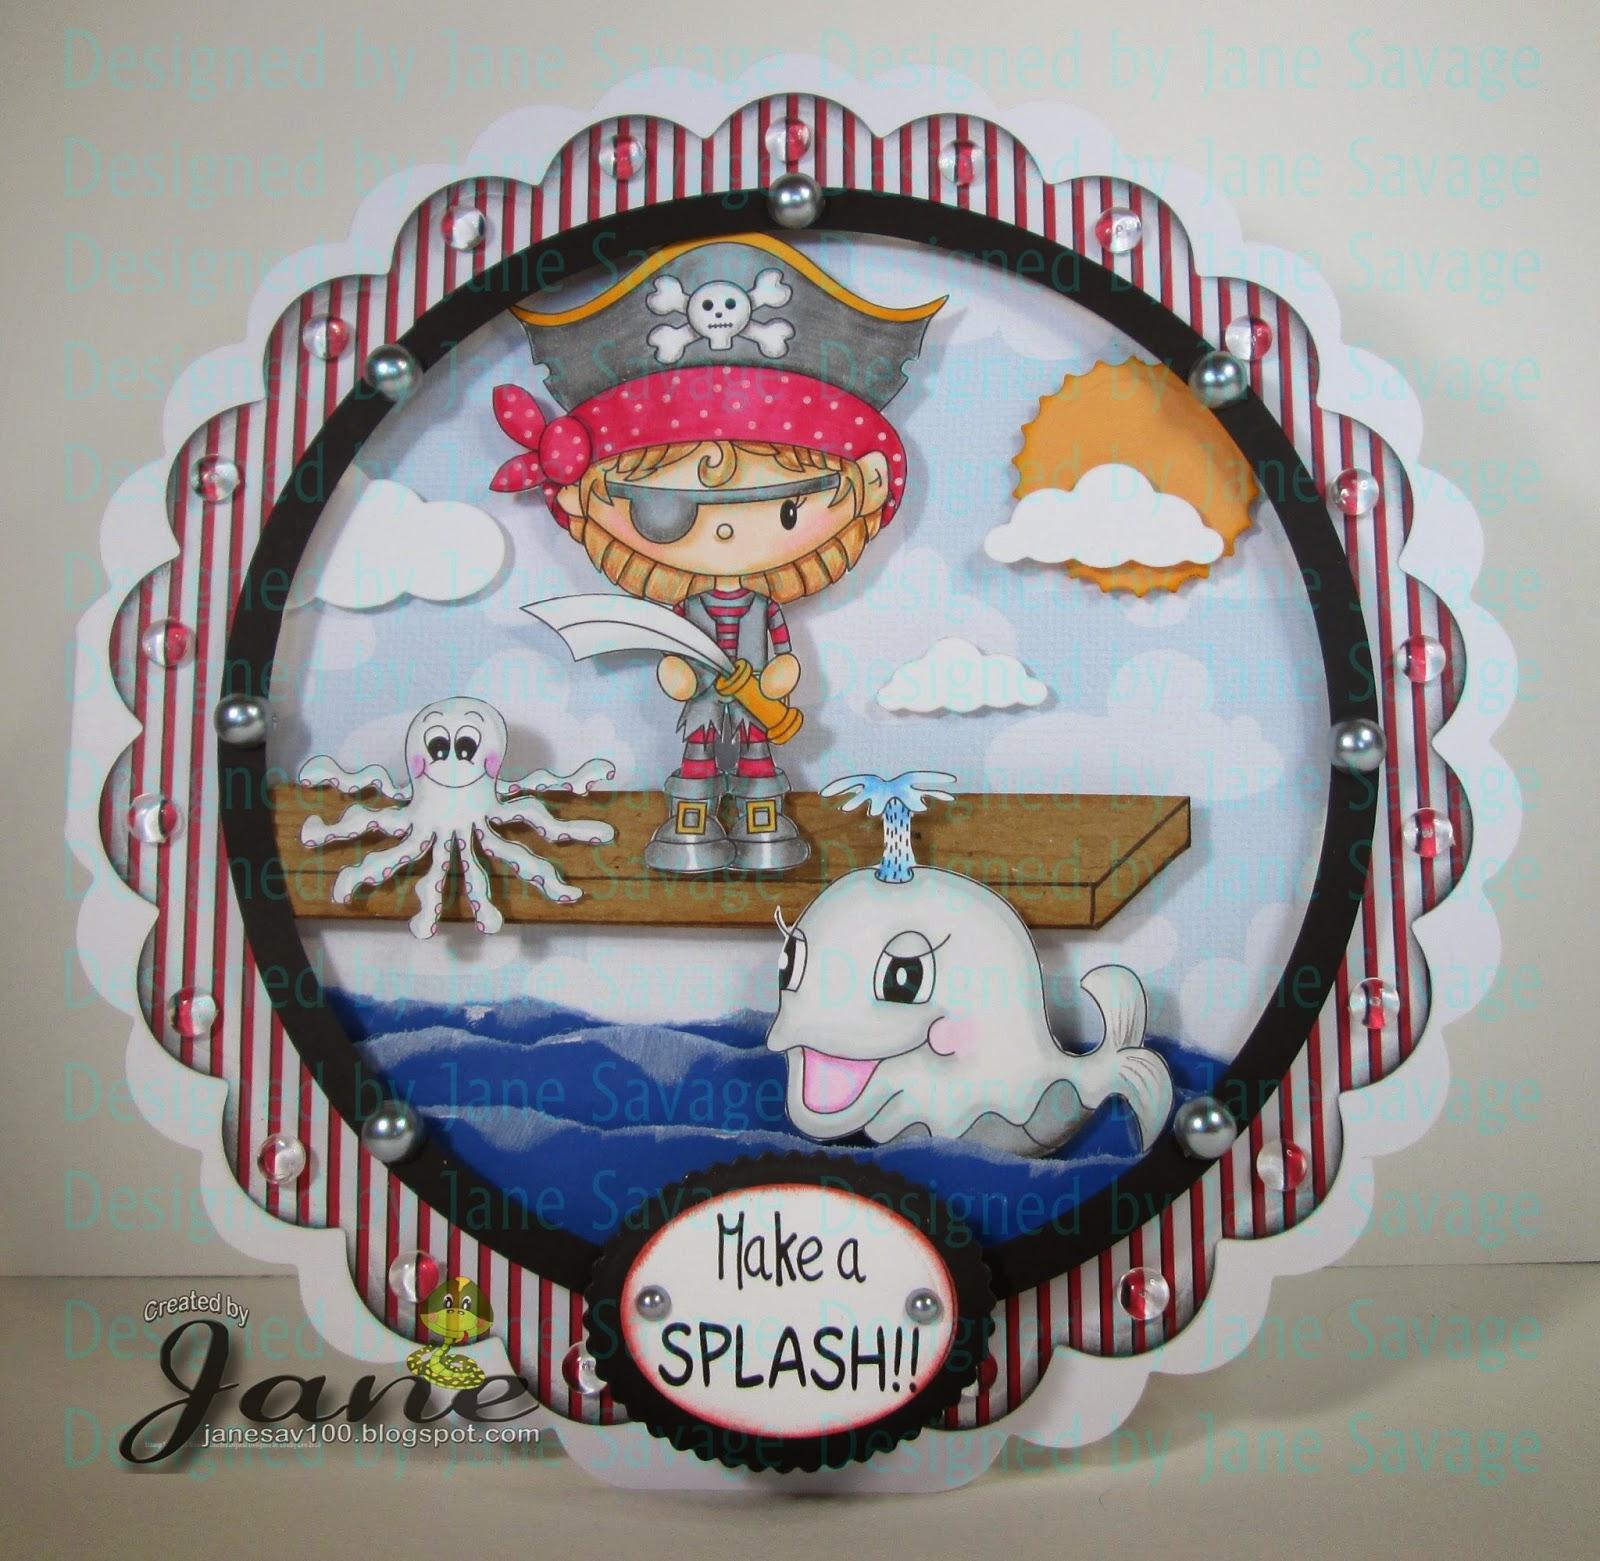 http://4.bp.blogspot.com/-gjR1VI85hGA/VSqmn2y8CaI/AAAAAAAAC6k/domfS_thFDU/s1600/Pirate%2BMitzy%2B001.JPG